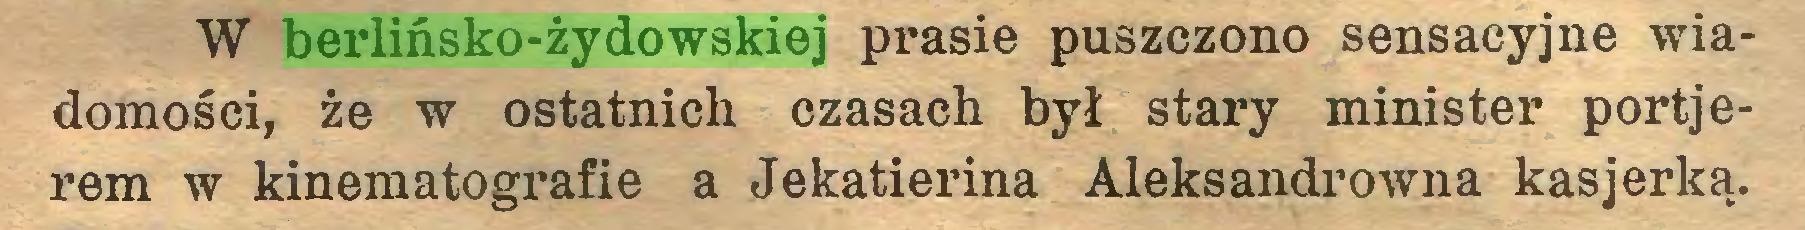 (...) W berlińsko-żydowskiej prasie puszczono sensacyjne wiadomości, że w ostatnich czasach był stary minister portjerem w kinematografie a Jekatierina Aleksandrowna kasjerką...